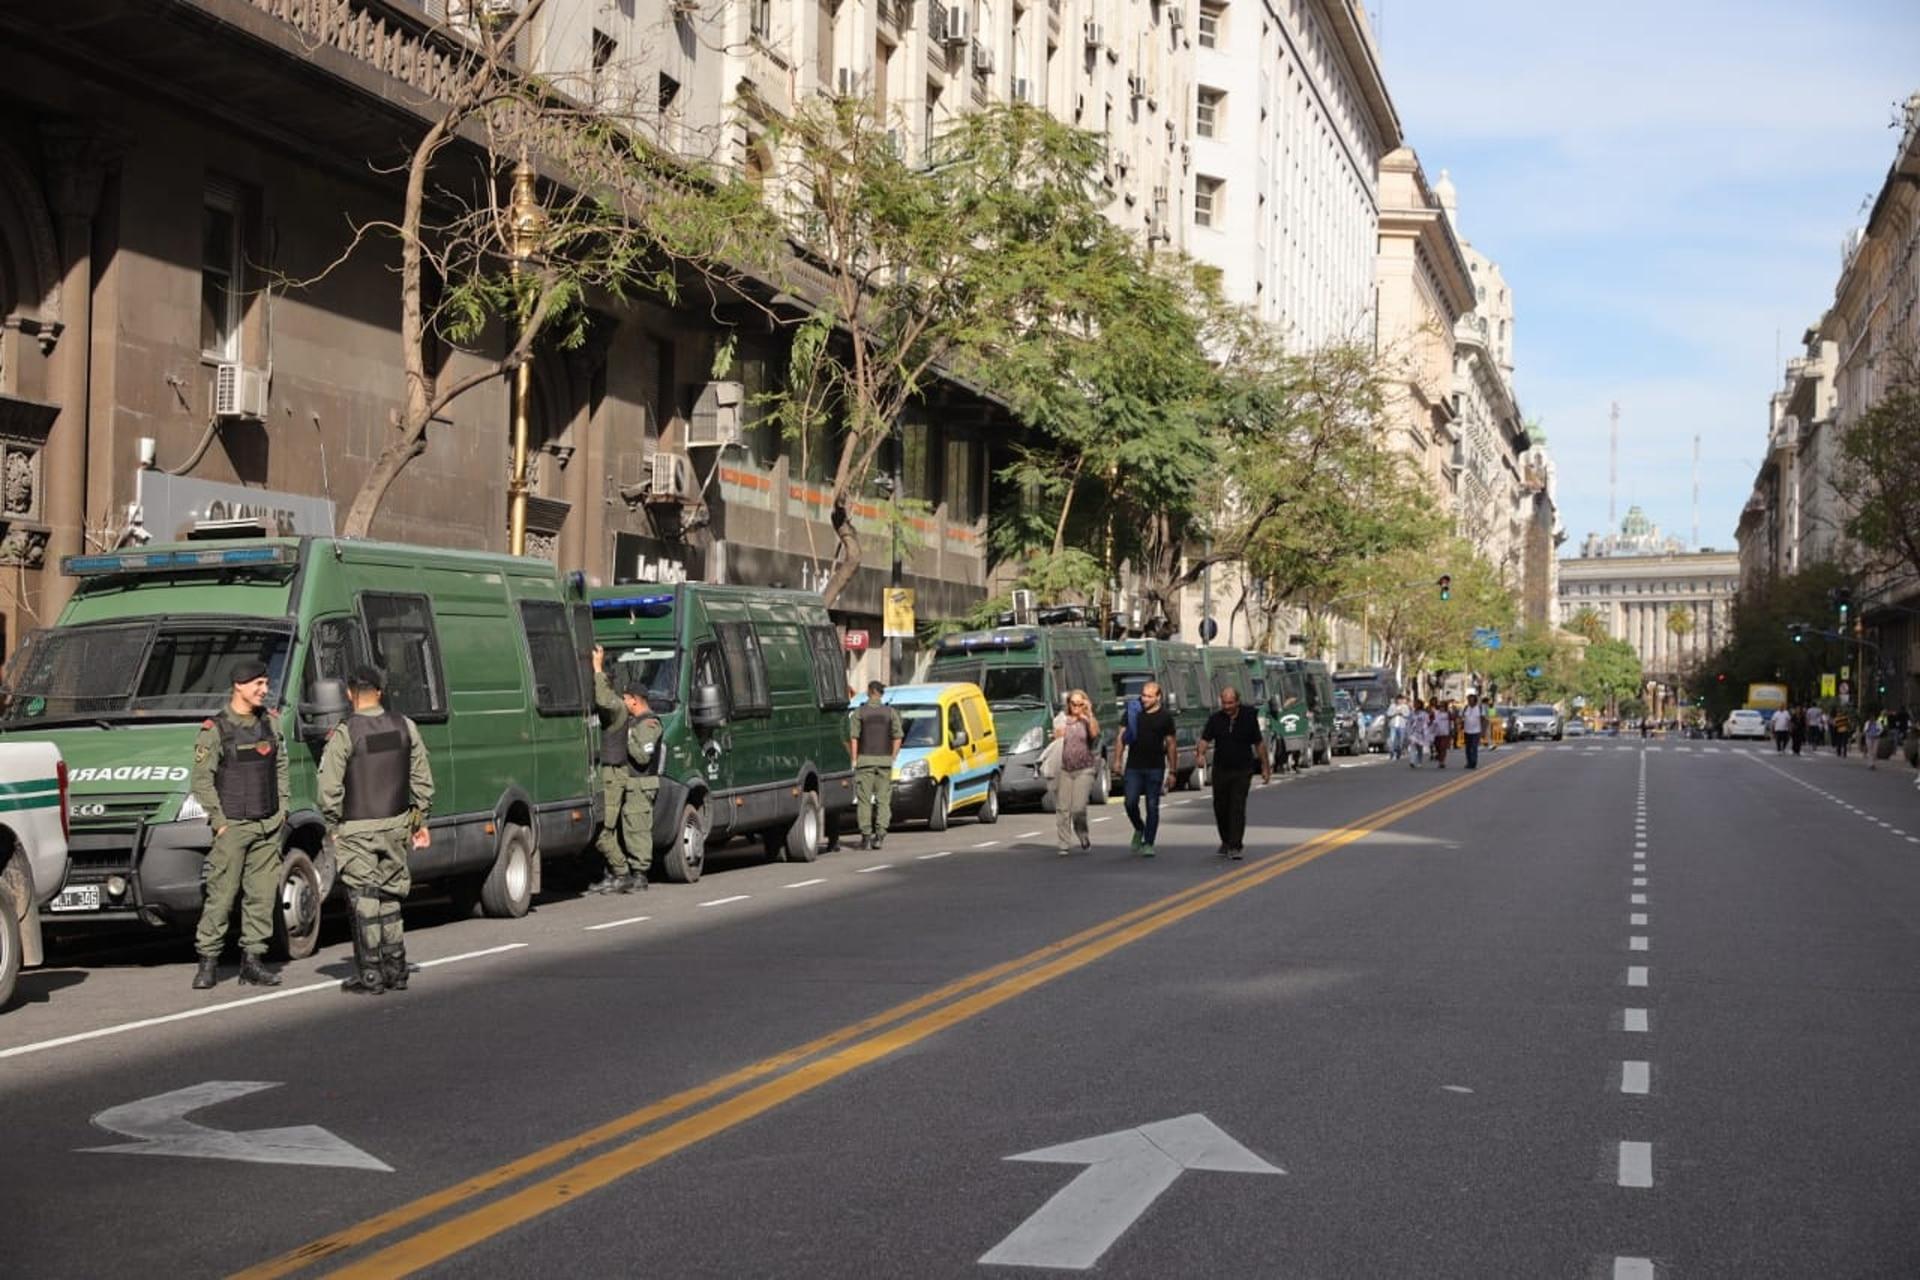 Móviles de Gendarmería en la zona